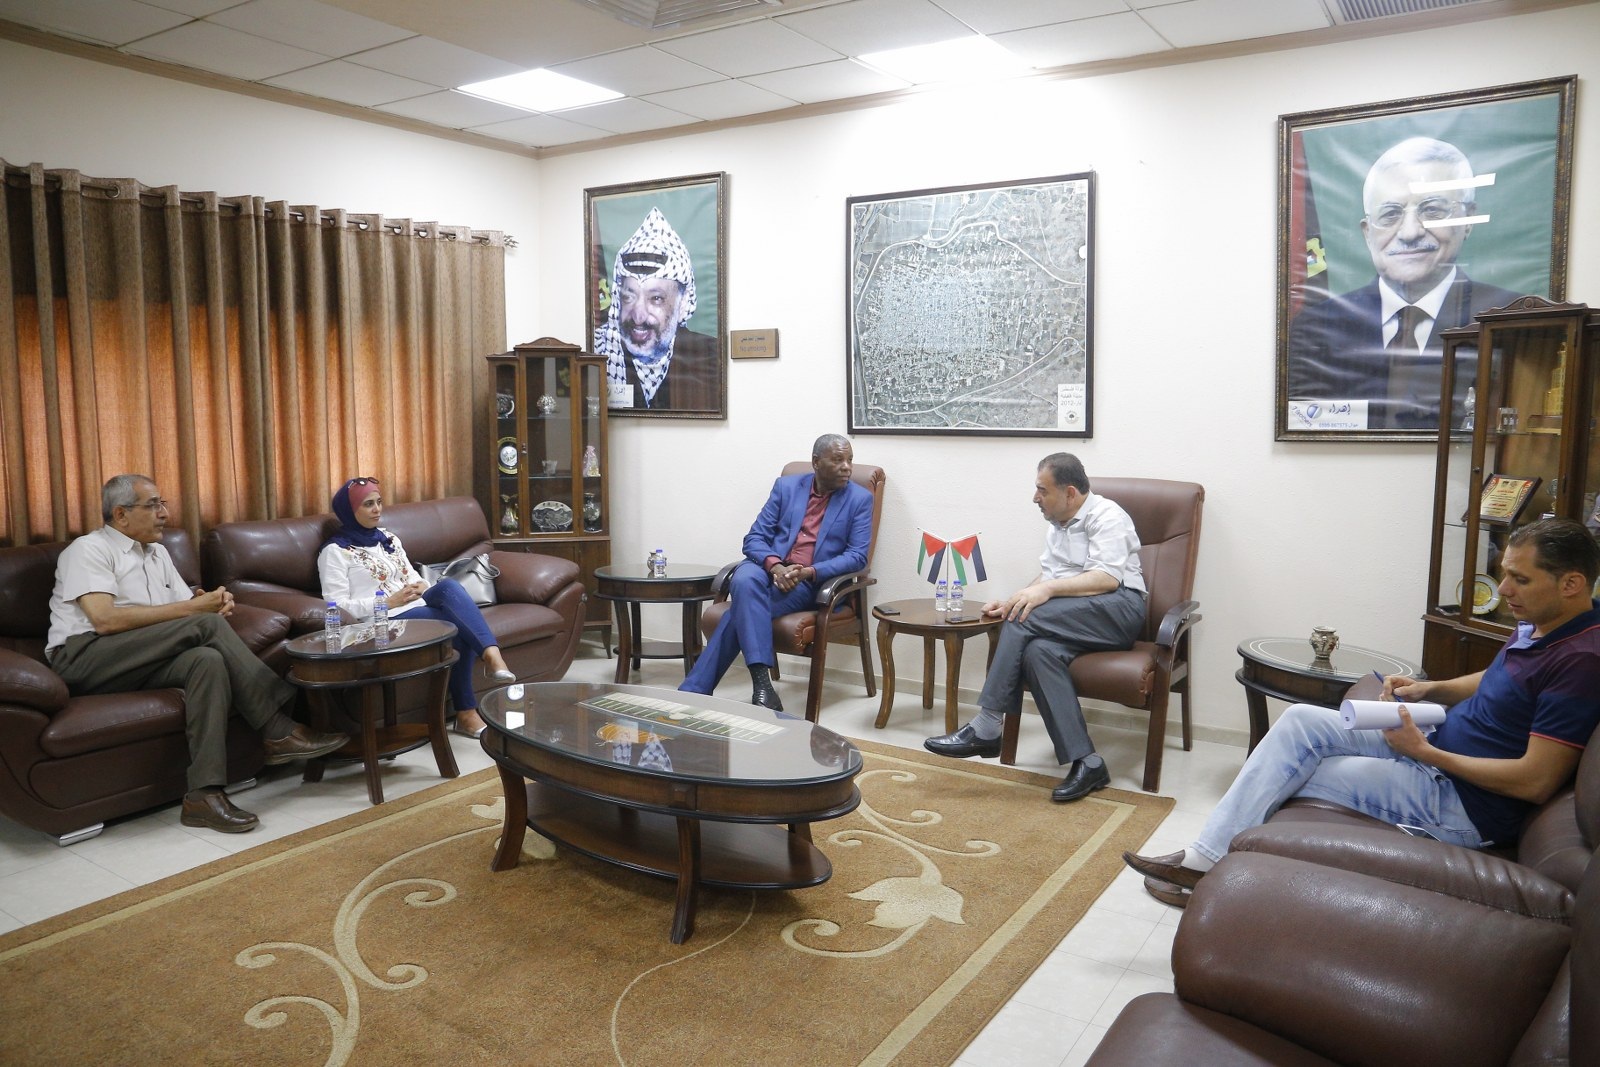 رئيس البلدية يلتقي منسق عام العمل التطوعي الفلسطيني رئيس الفريق الوطني للعمل التطوعي الفلسطيني في وزارة الحكم المحلي